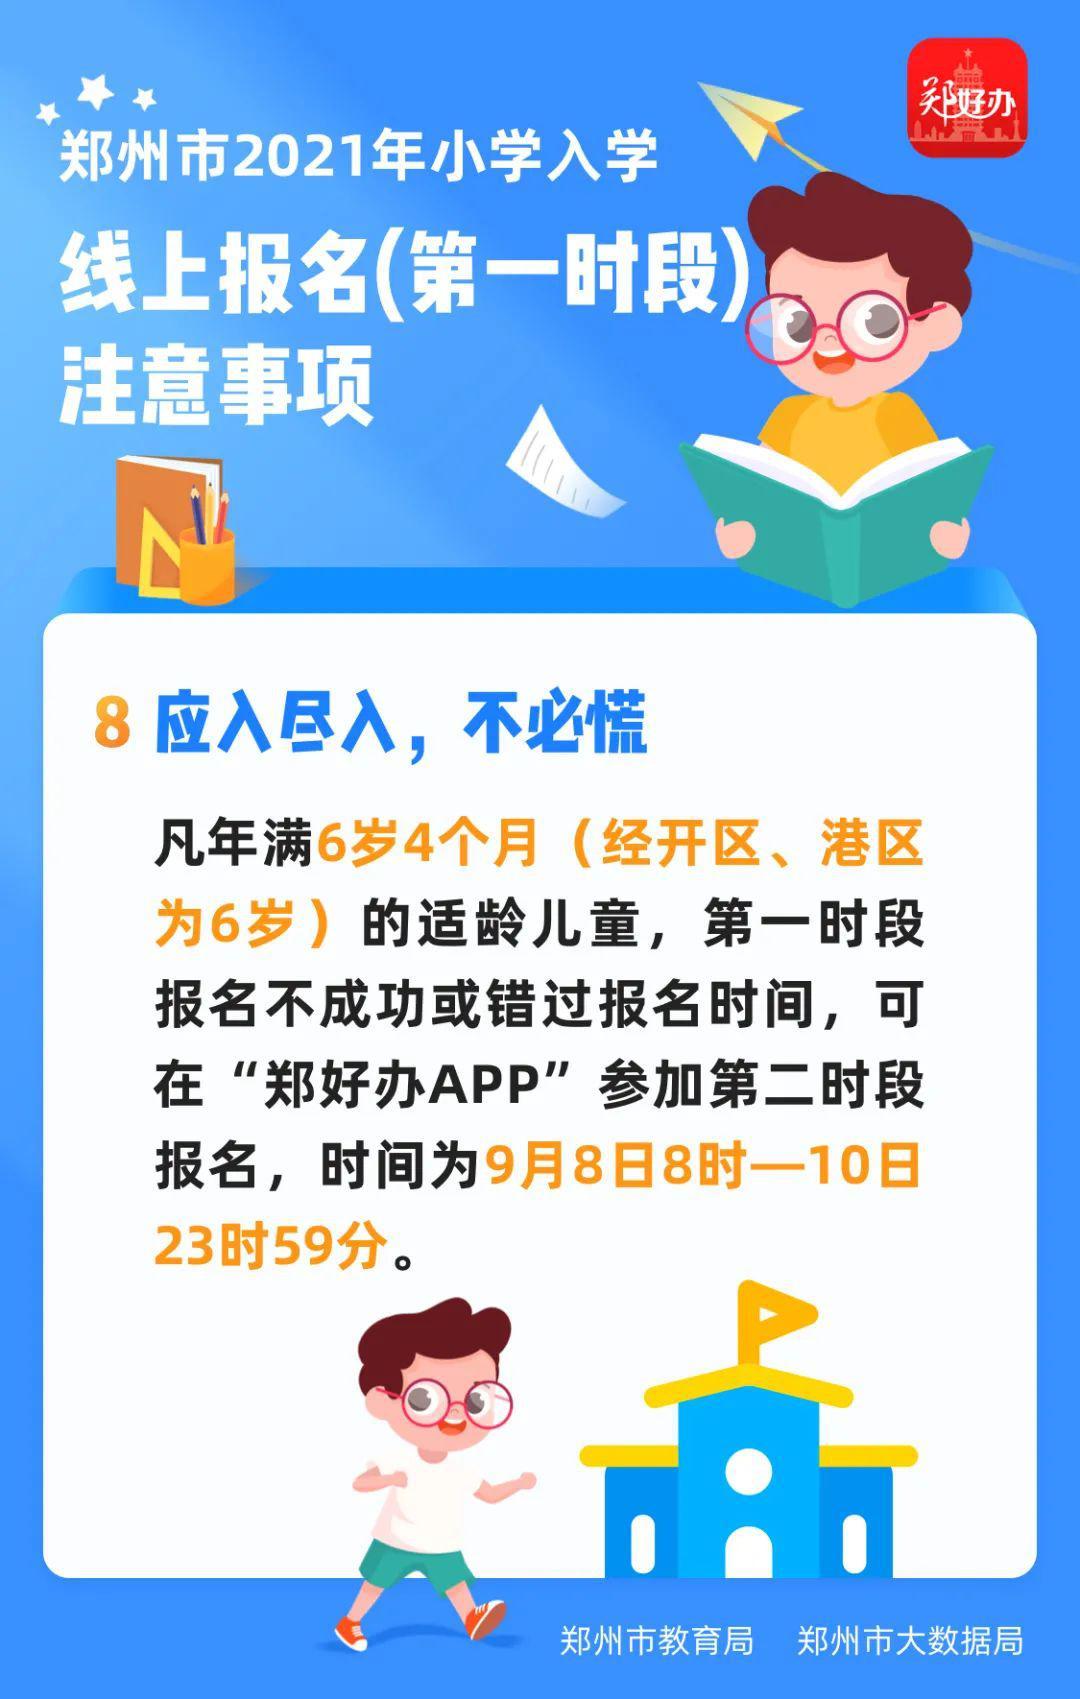 47879人报名成功!郑州市区小学新生第一时段线上报名结束